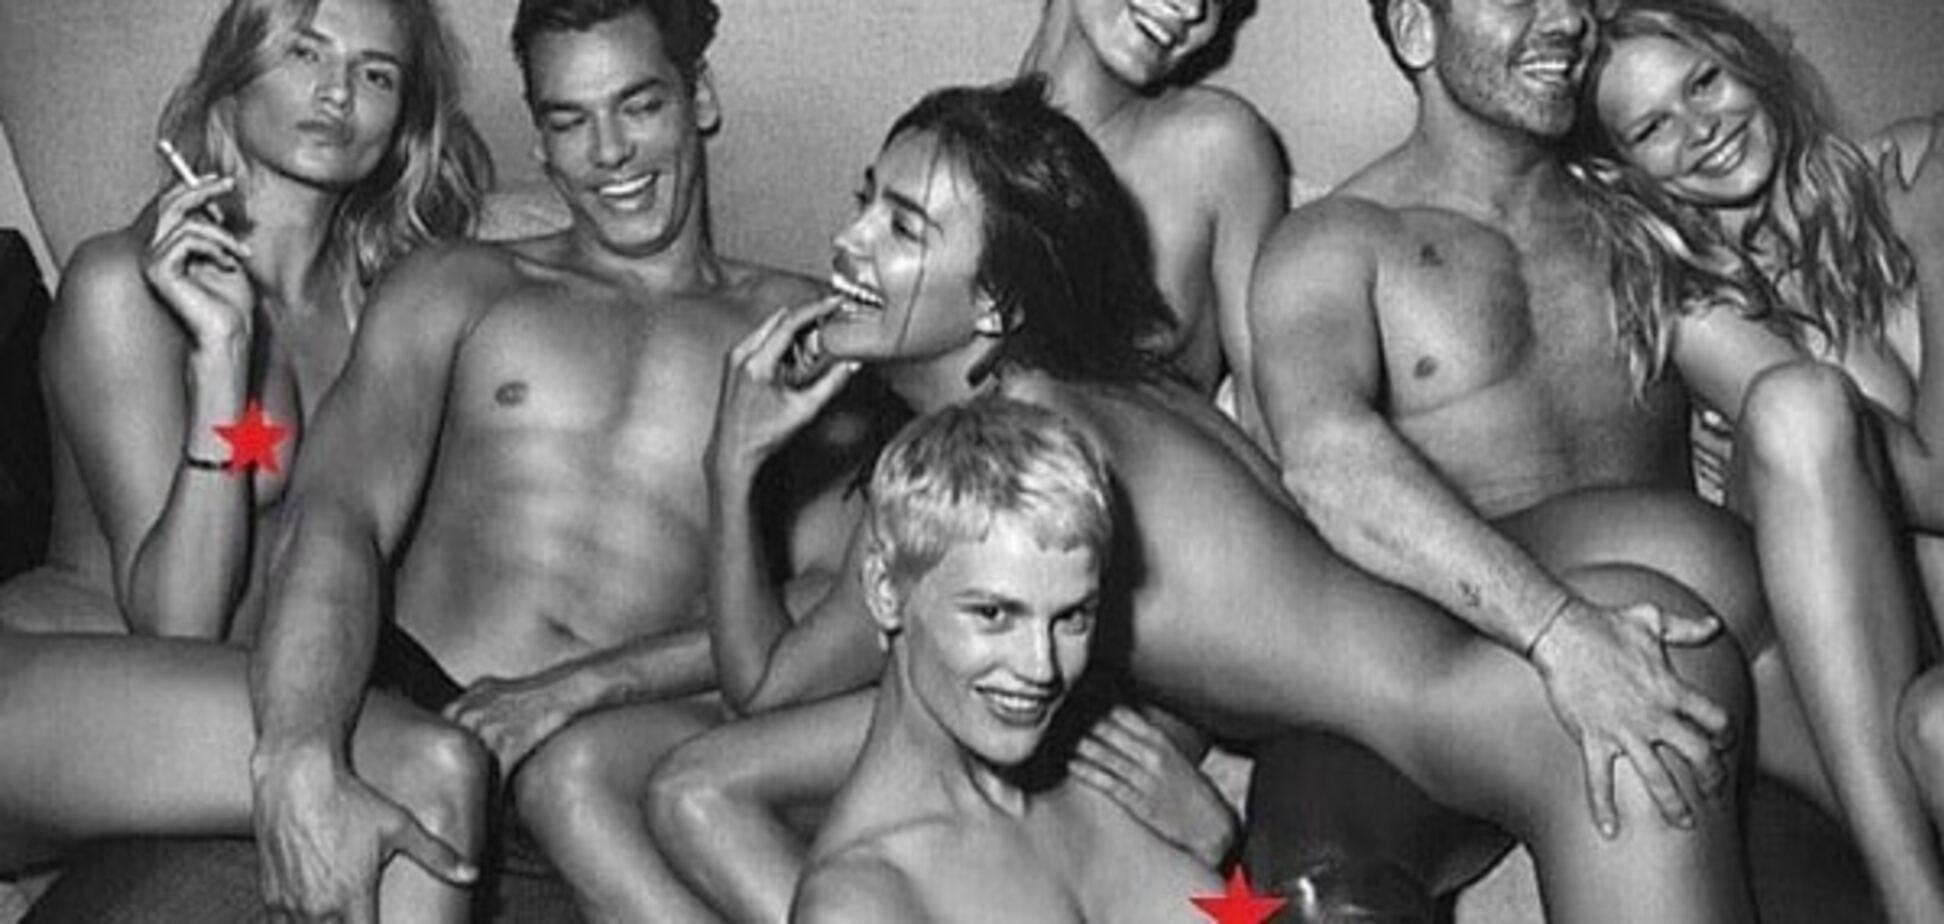 Ирина Шейк полностью разделась в компании мужчин: откровенная фотосессия